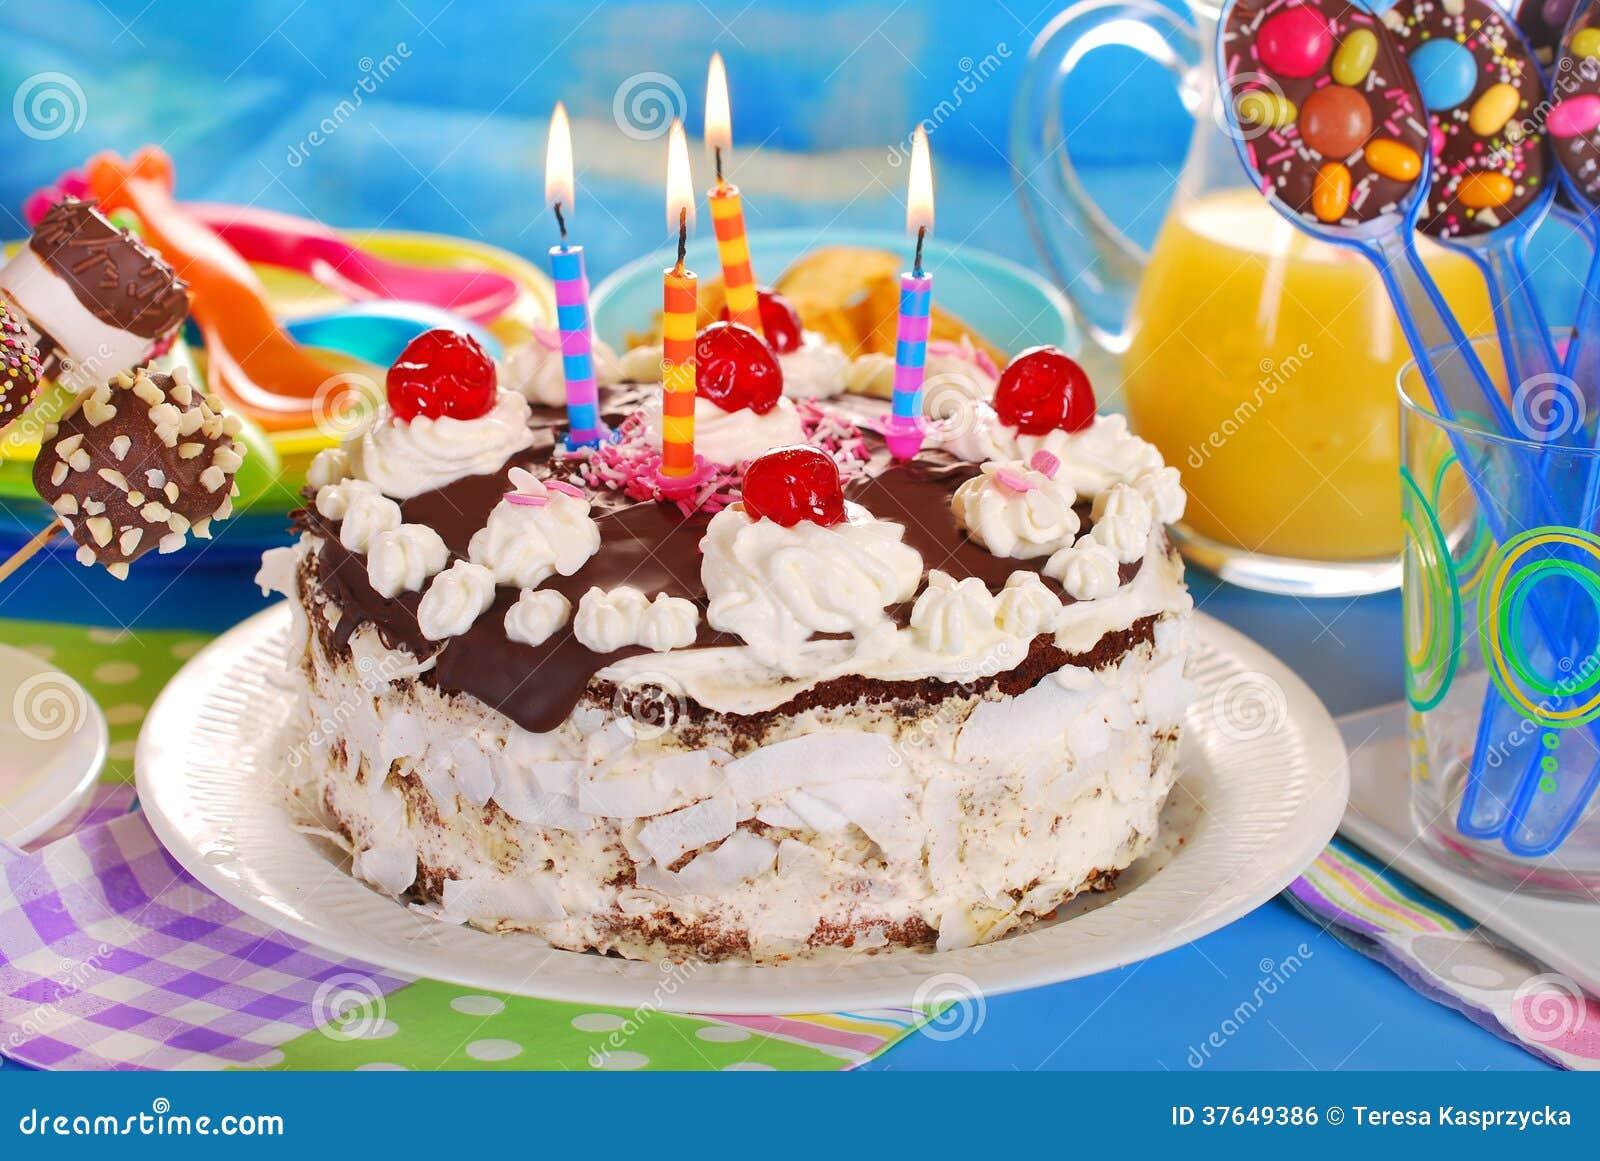 torte del chocolate para la fiesta de cumpleaos de los nios imagen de archivo libre de with tartas cumpleaos nios